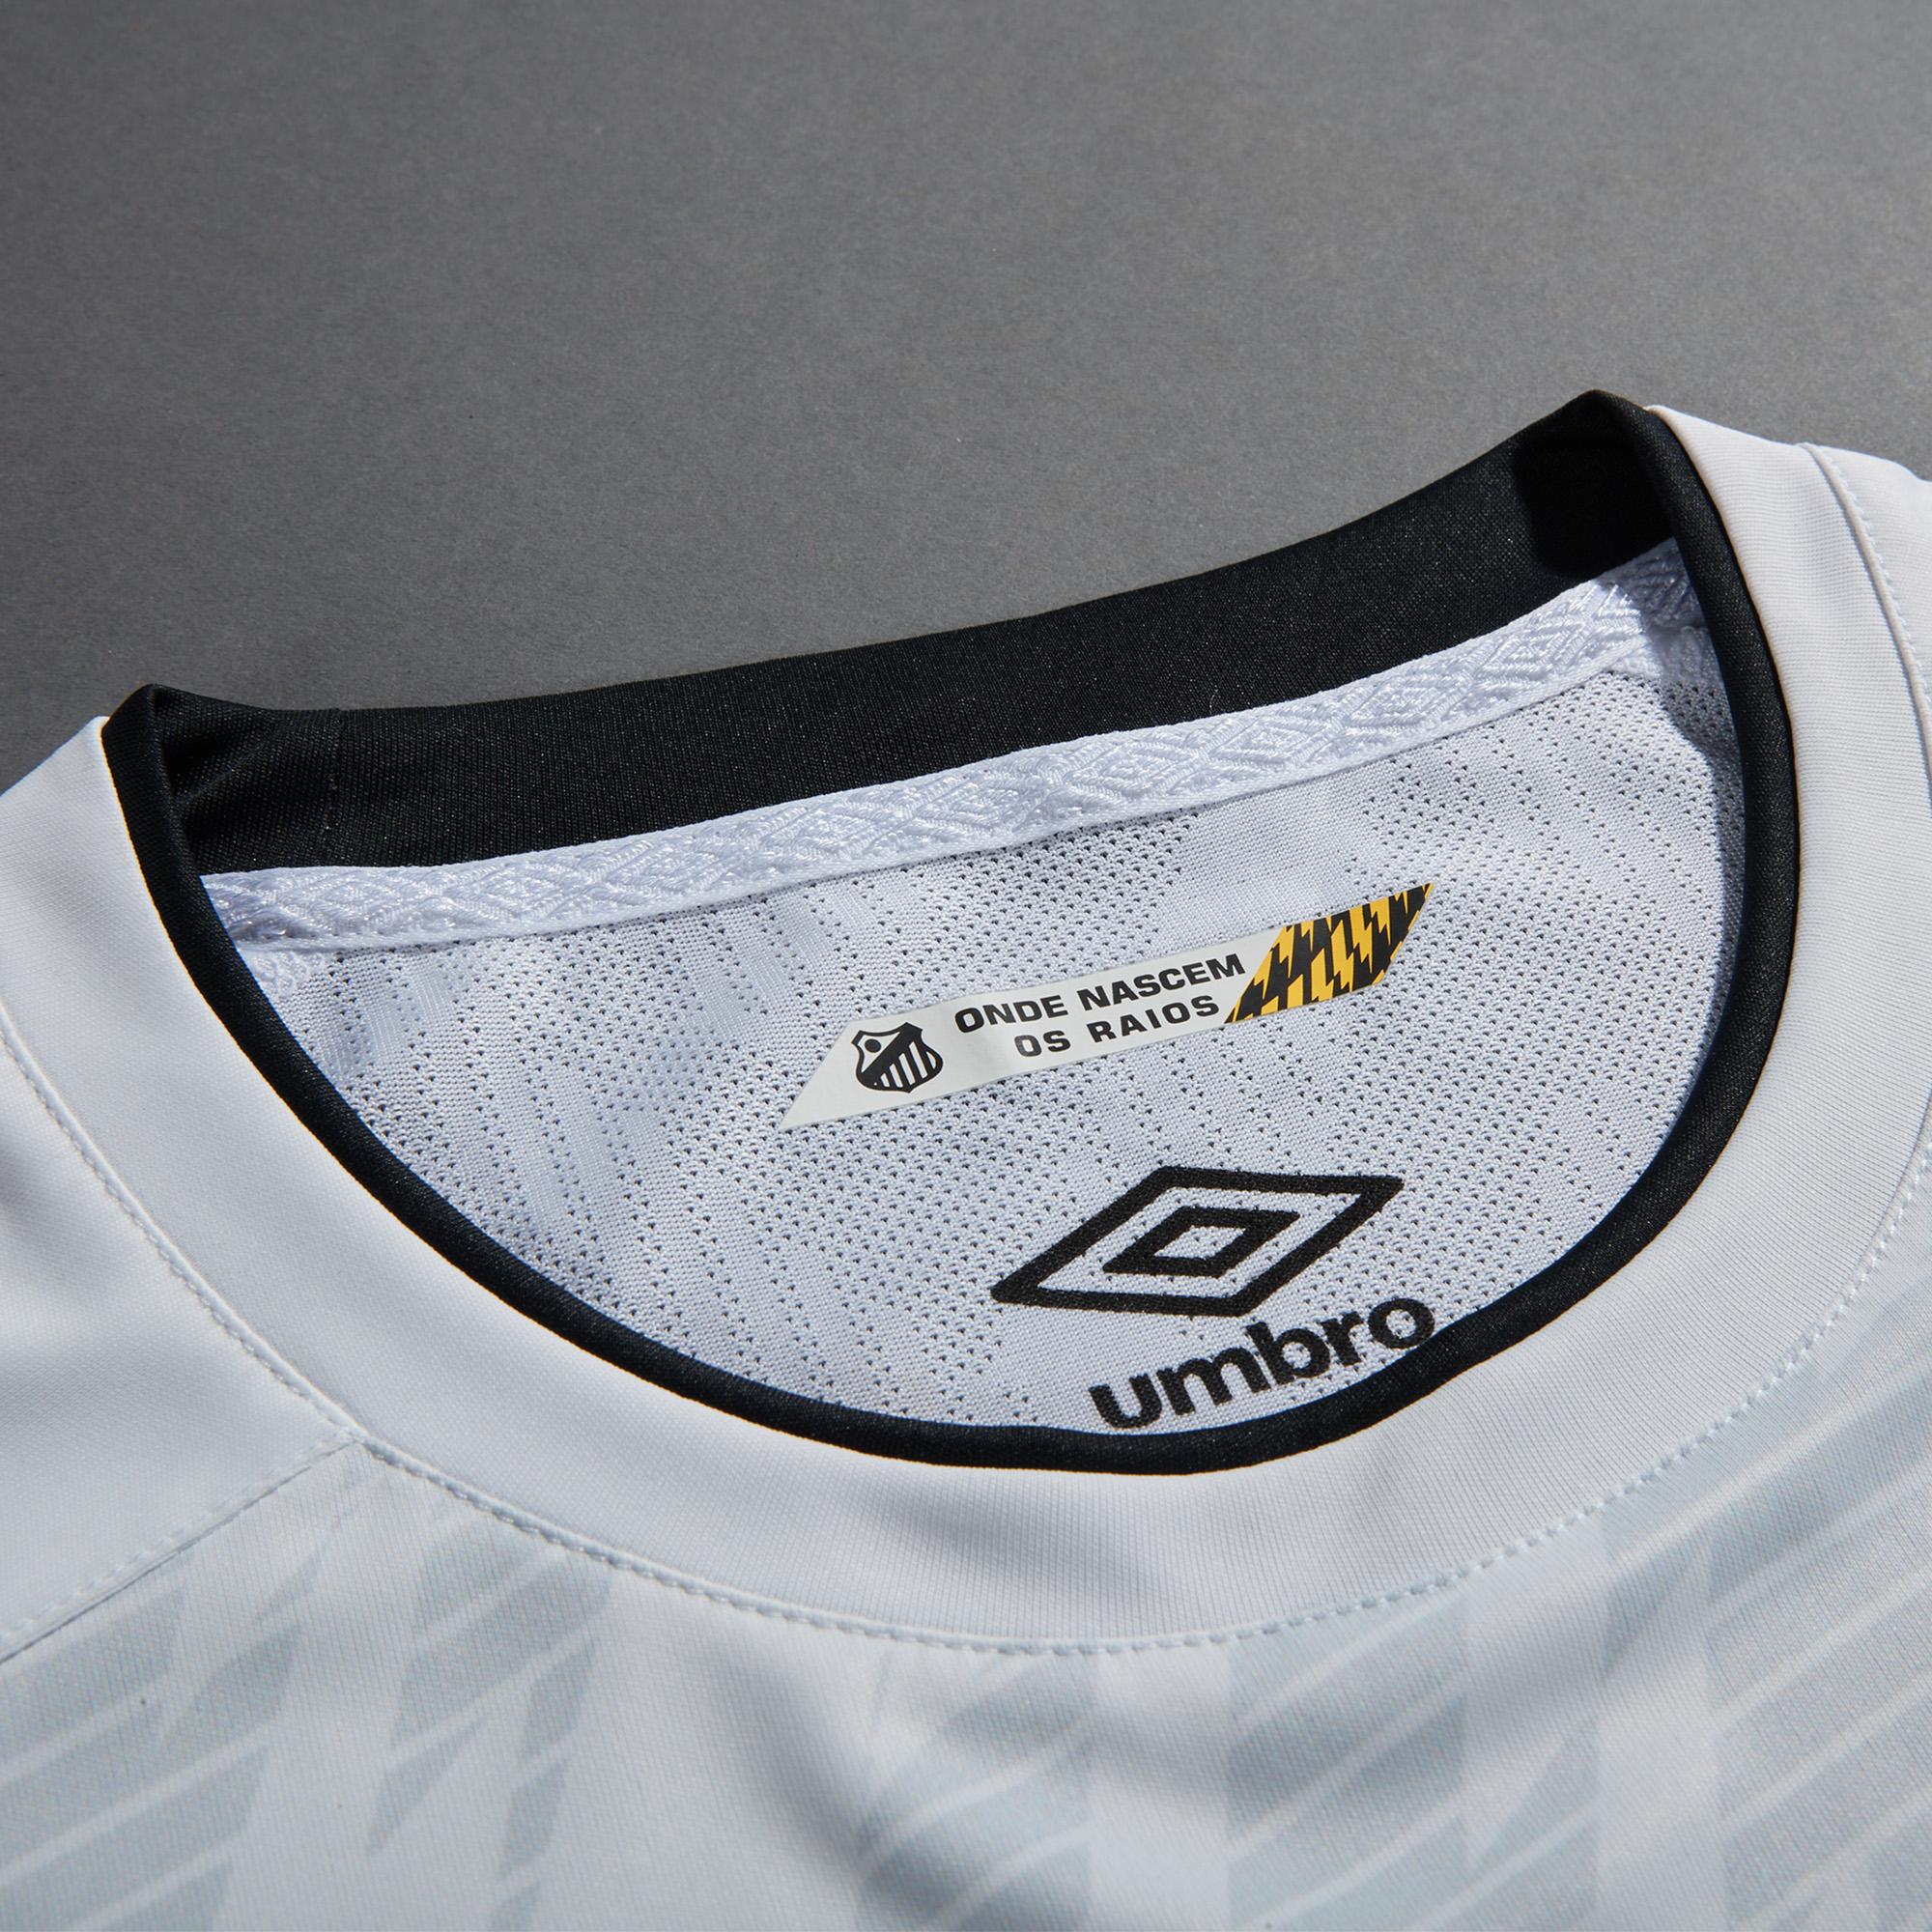 Santos FC 21/22 Home & Away Jerseys - Umbro